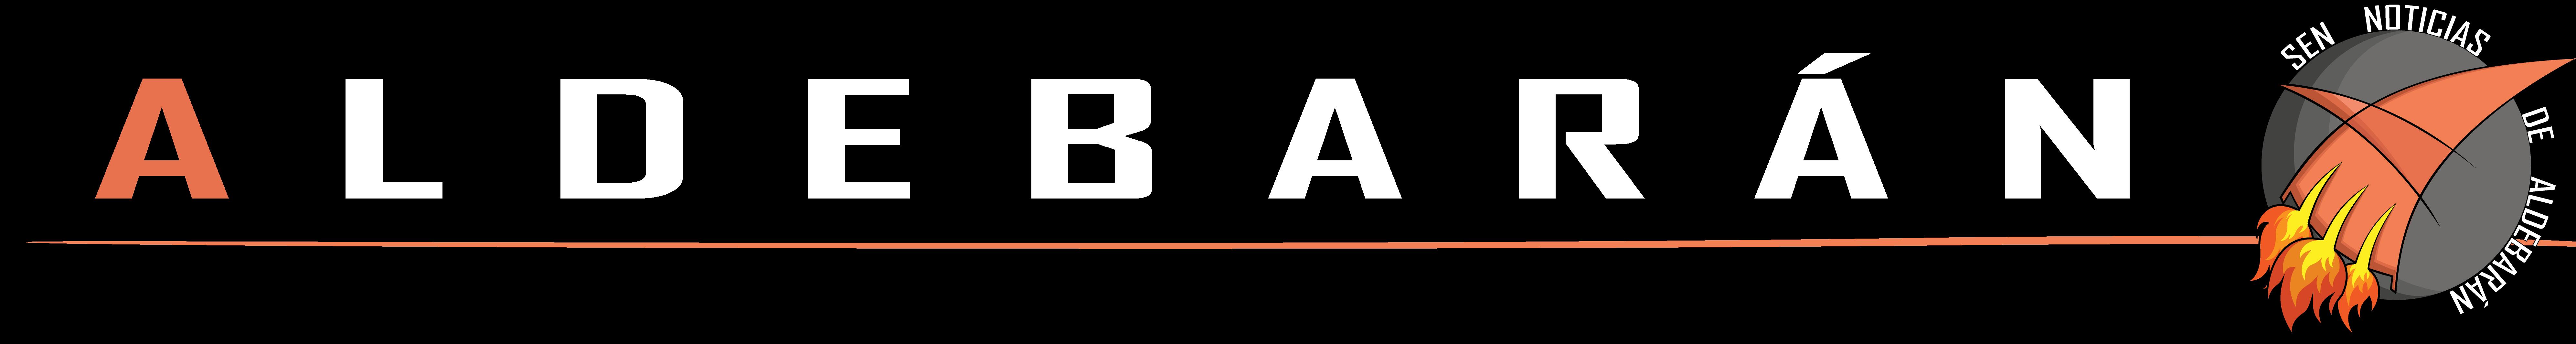 Sen Noticias de Aldebarán